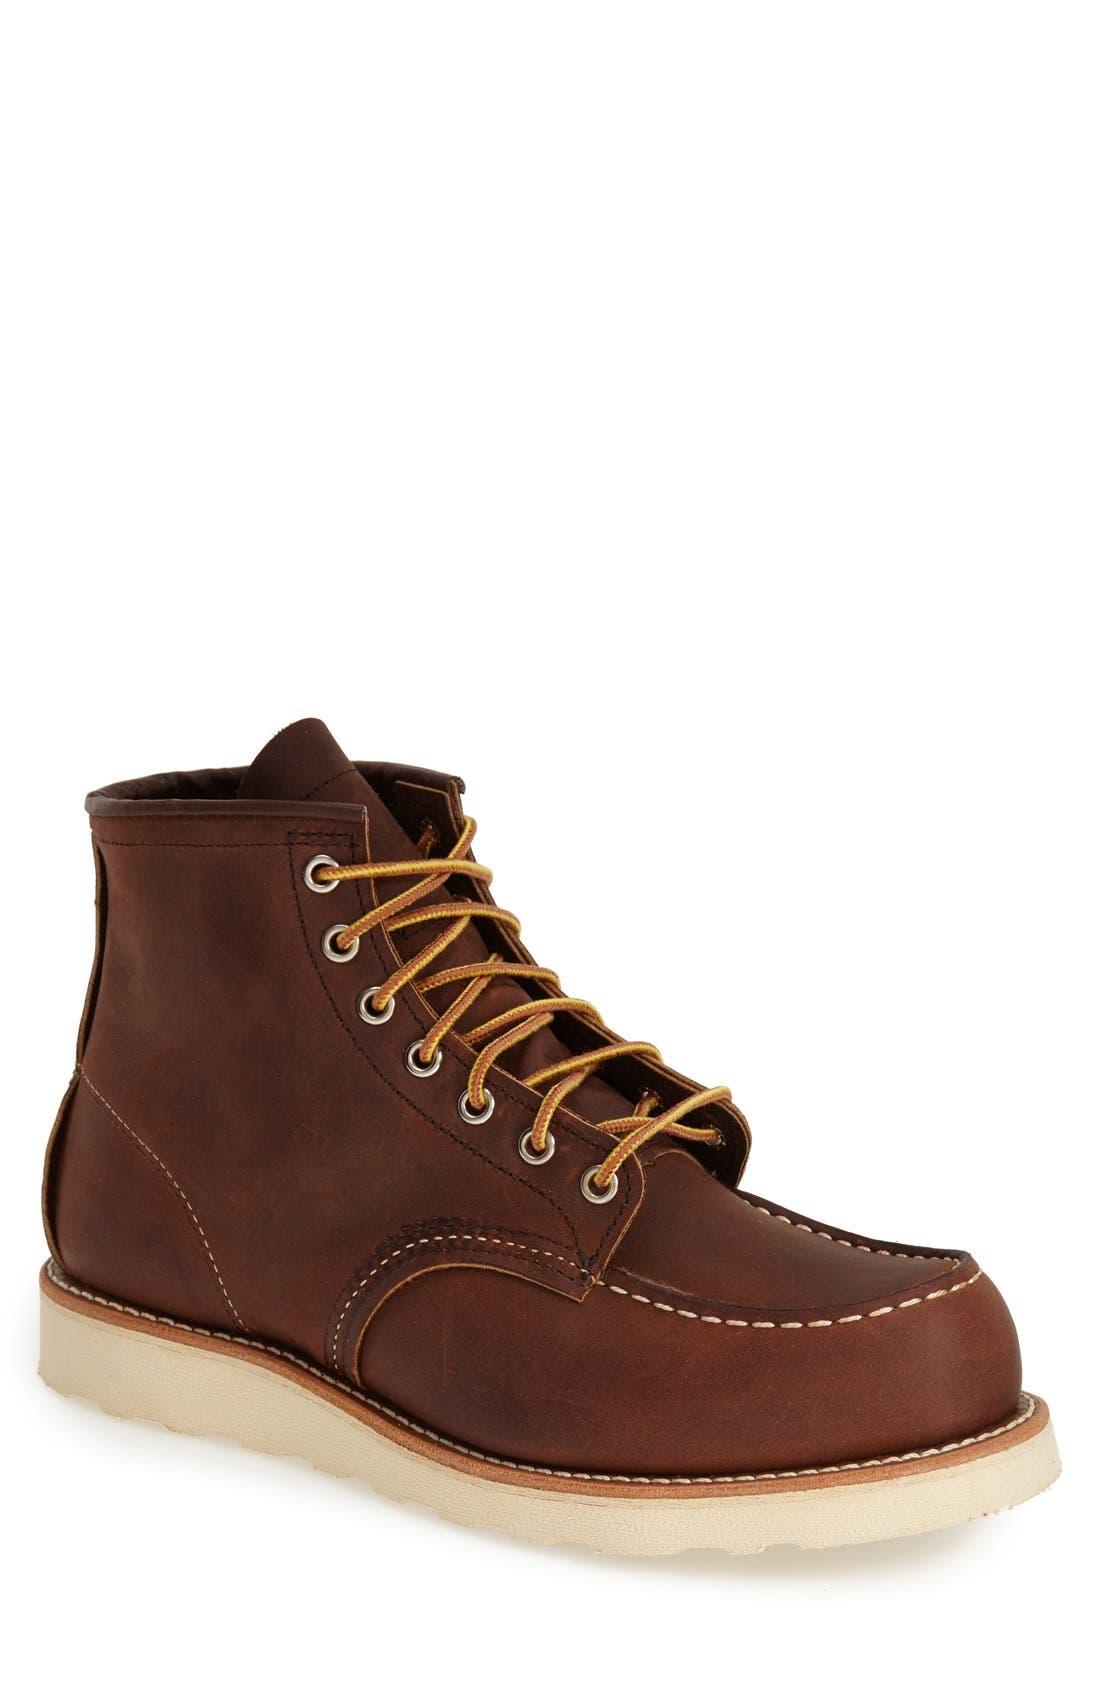 6 Inch Moc Toe Boot, Main, color, BOURBON YUMA LEATHER